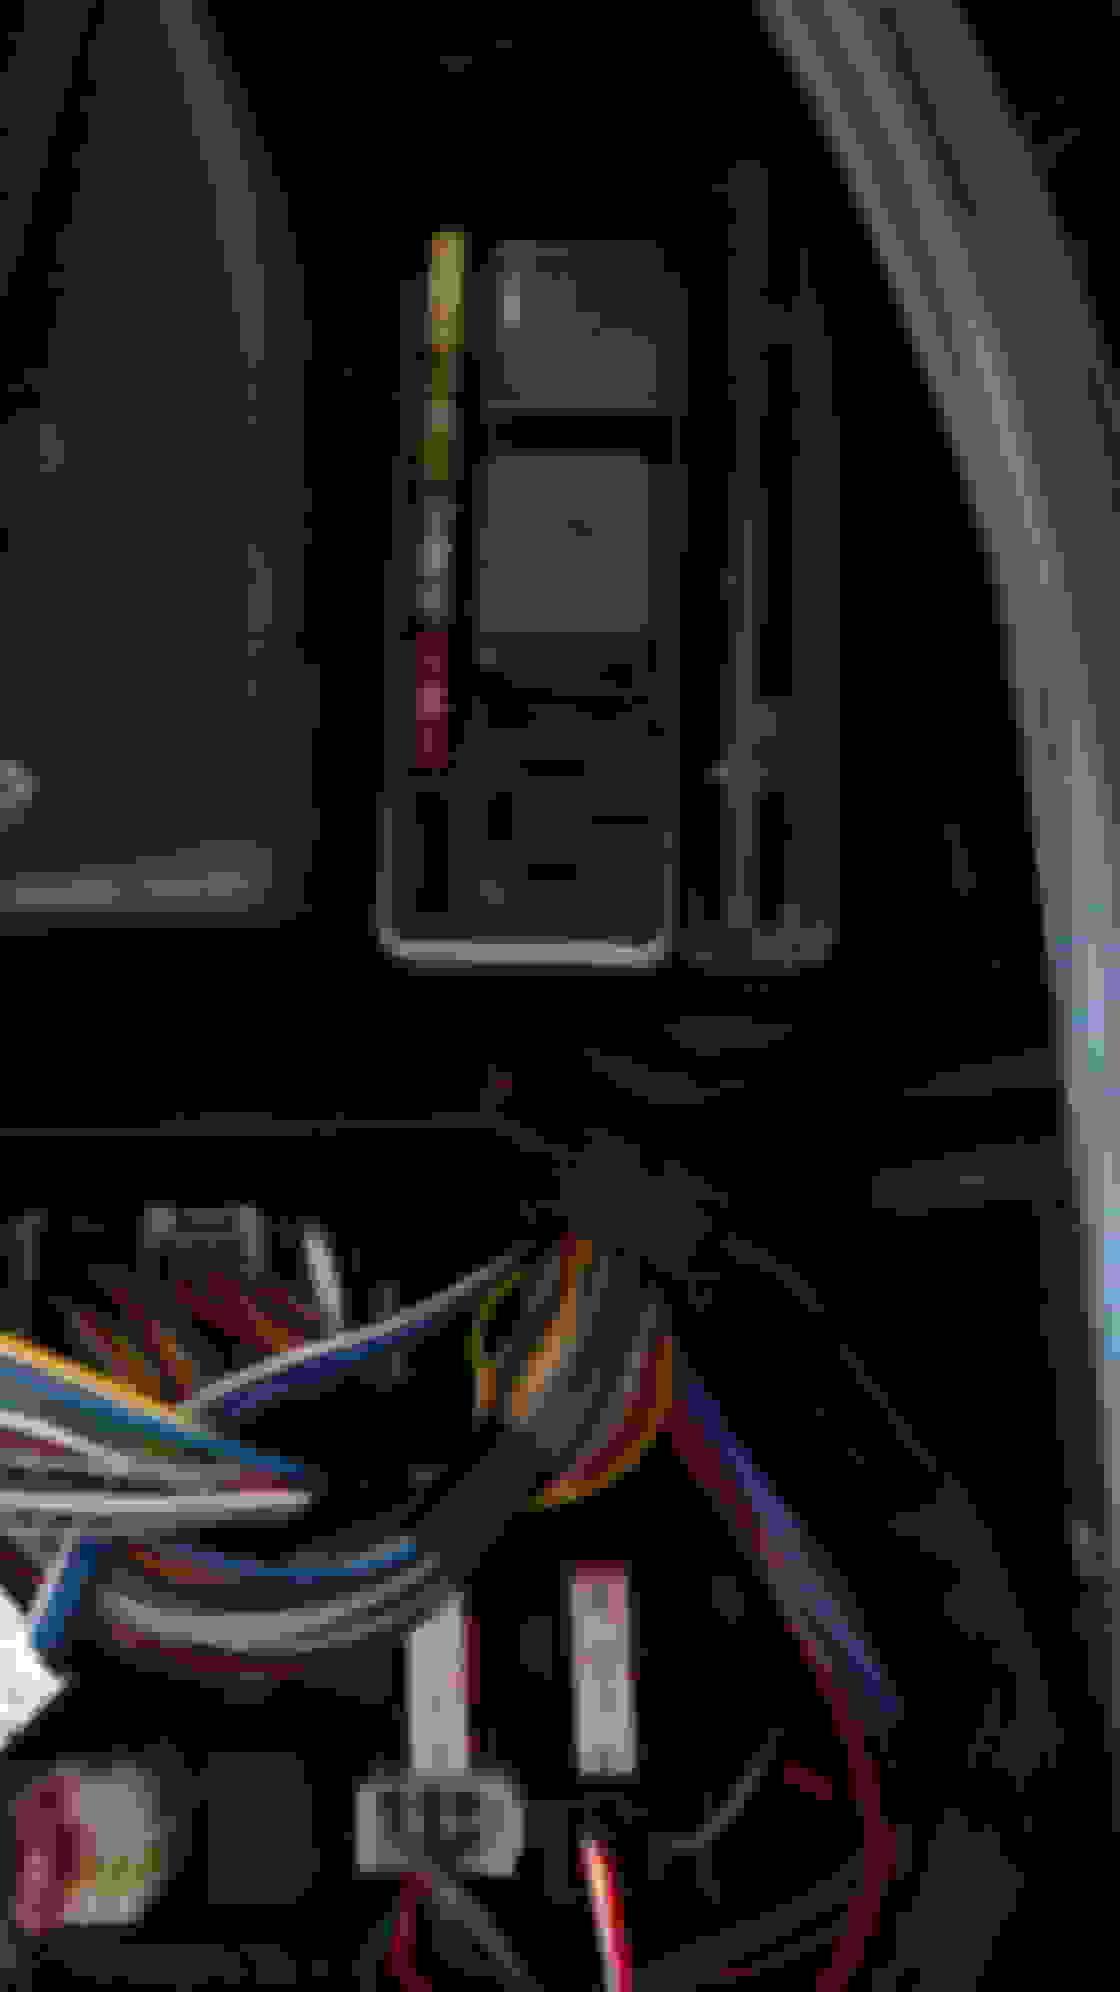 ESP Defective + Display Defective - Car won't crank